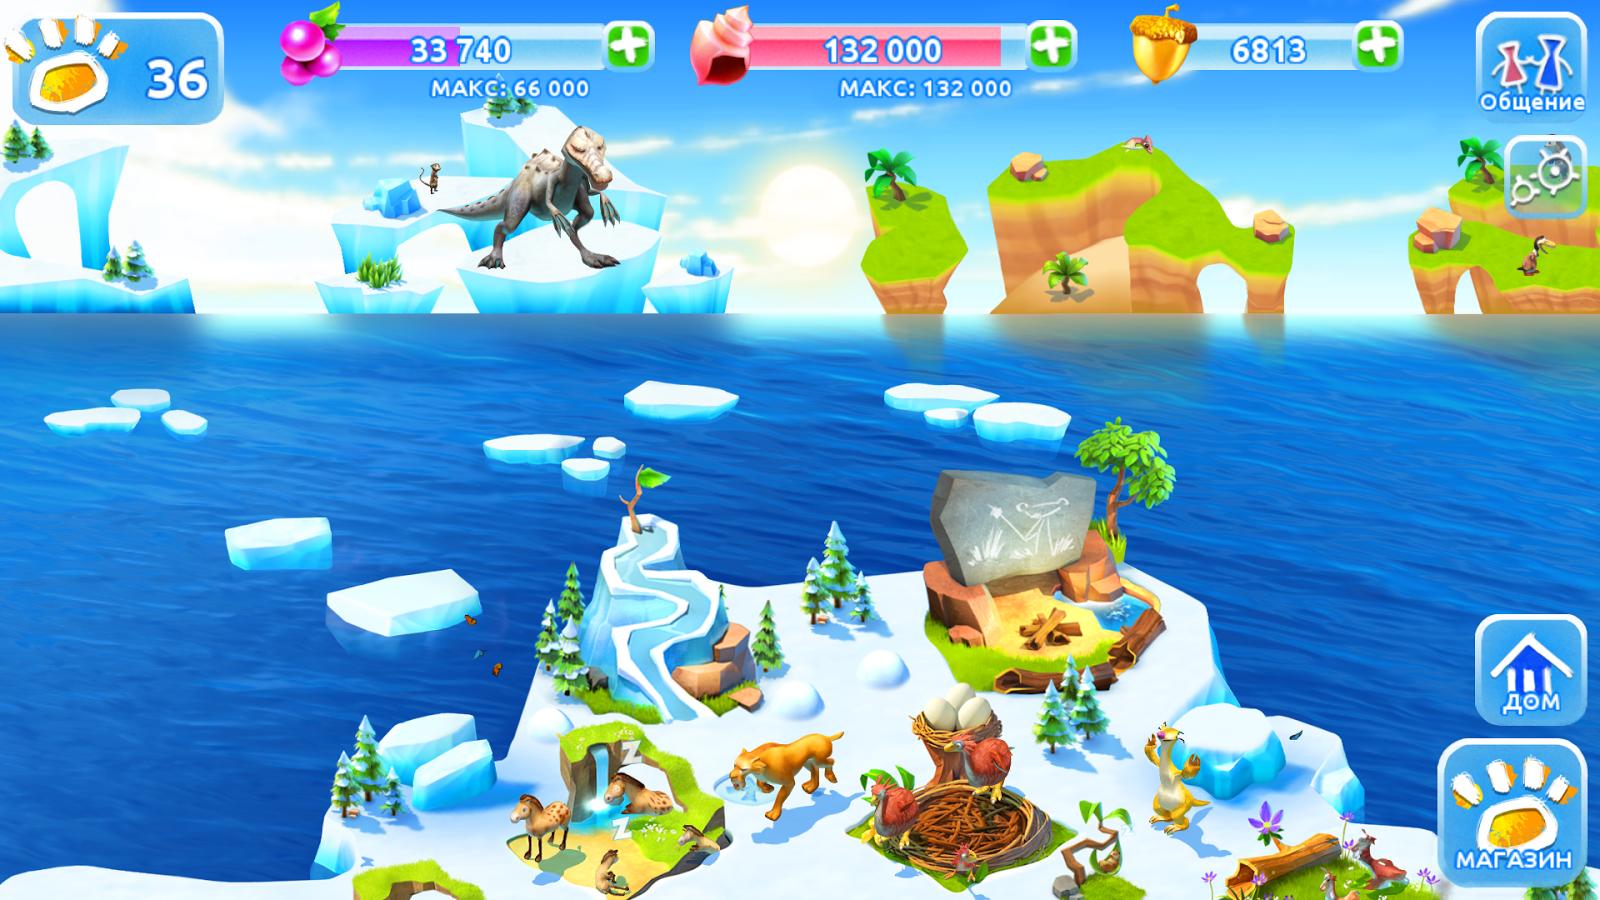 Игра ледниковый период приключение скачать на компьютер